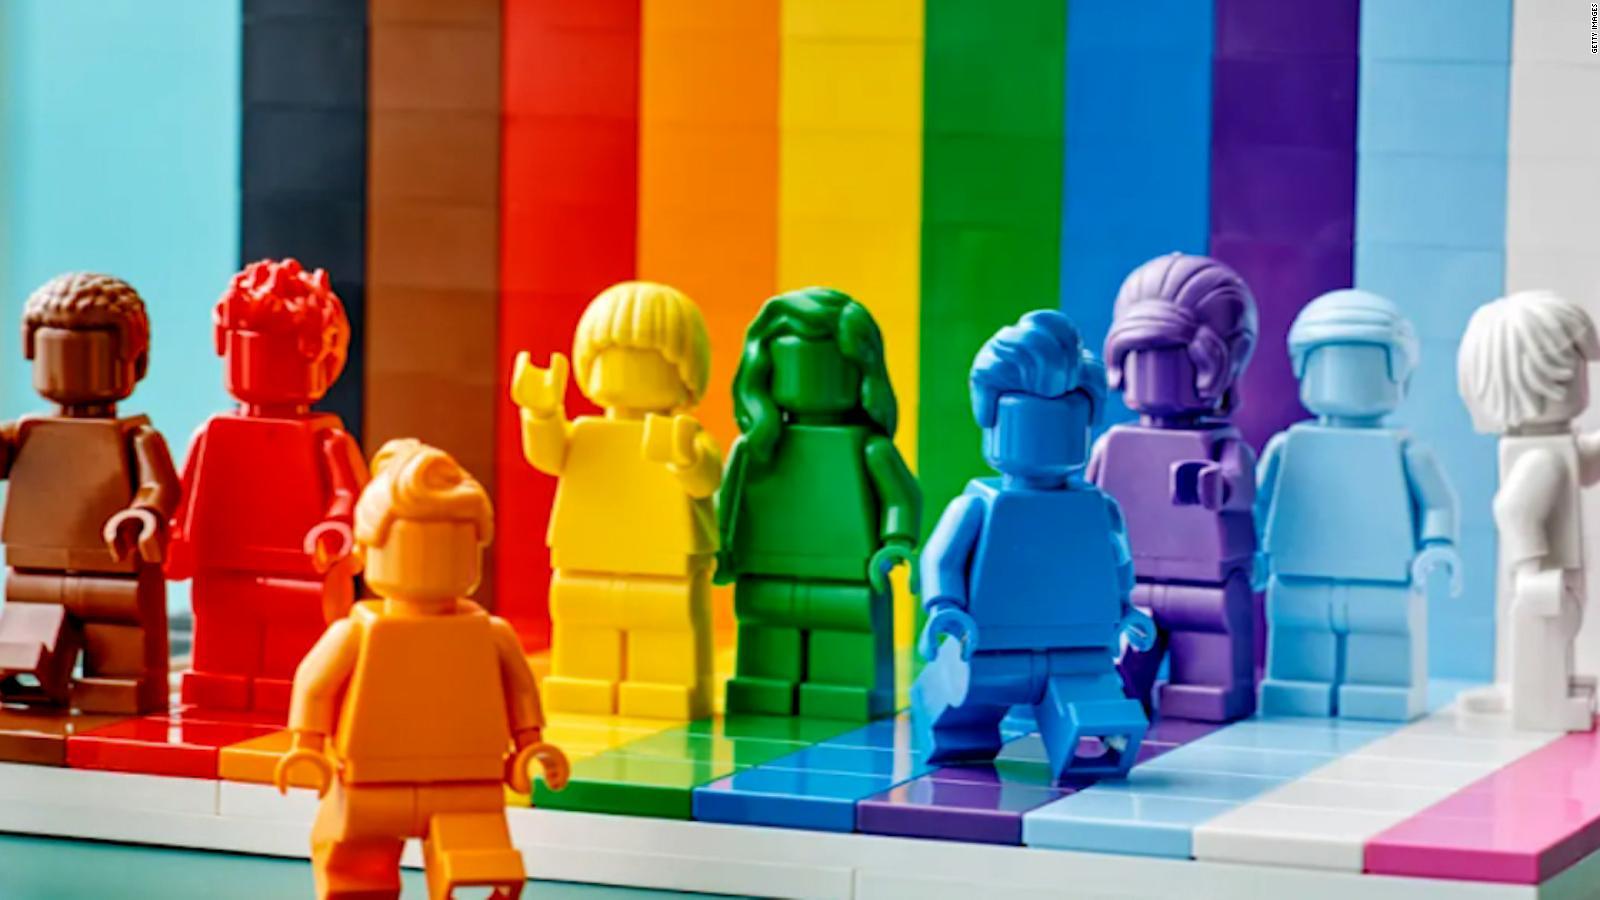 Lego luchará contra los estereotipos de género en sus juguetes